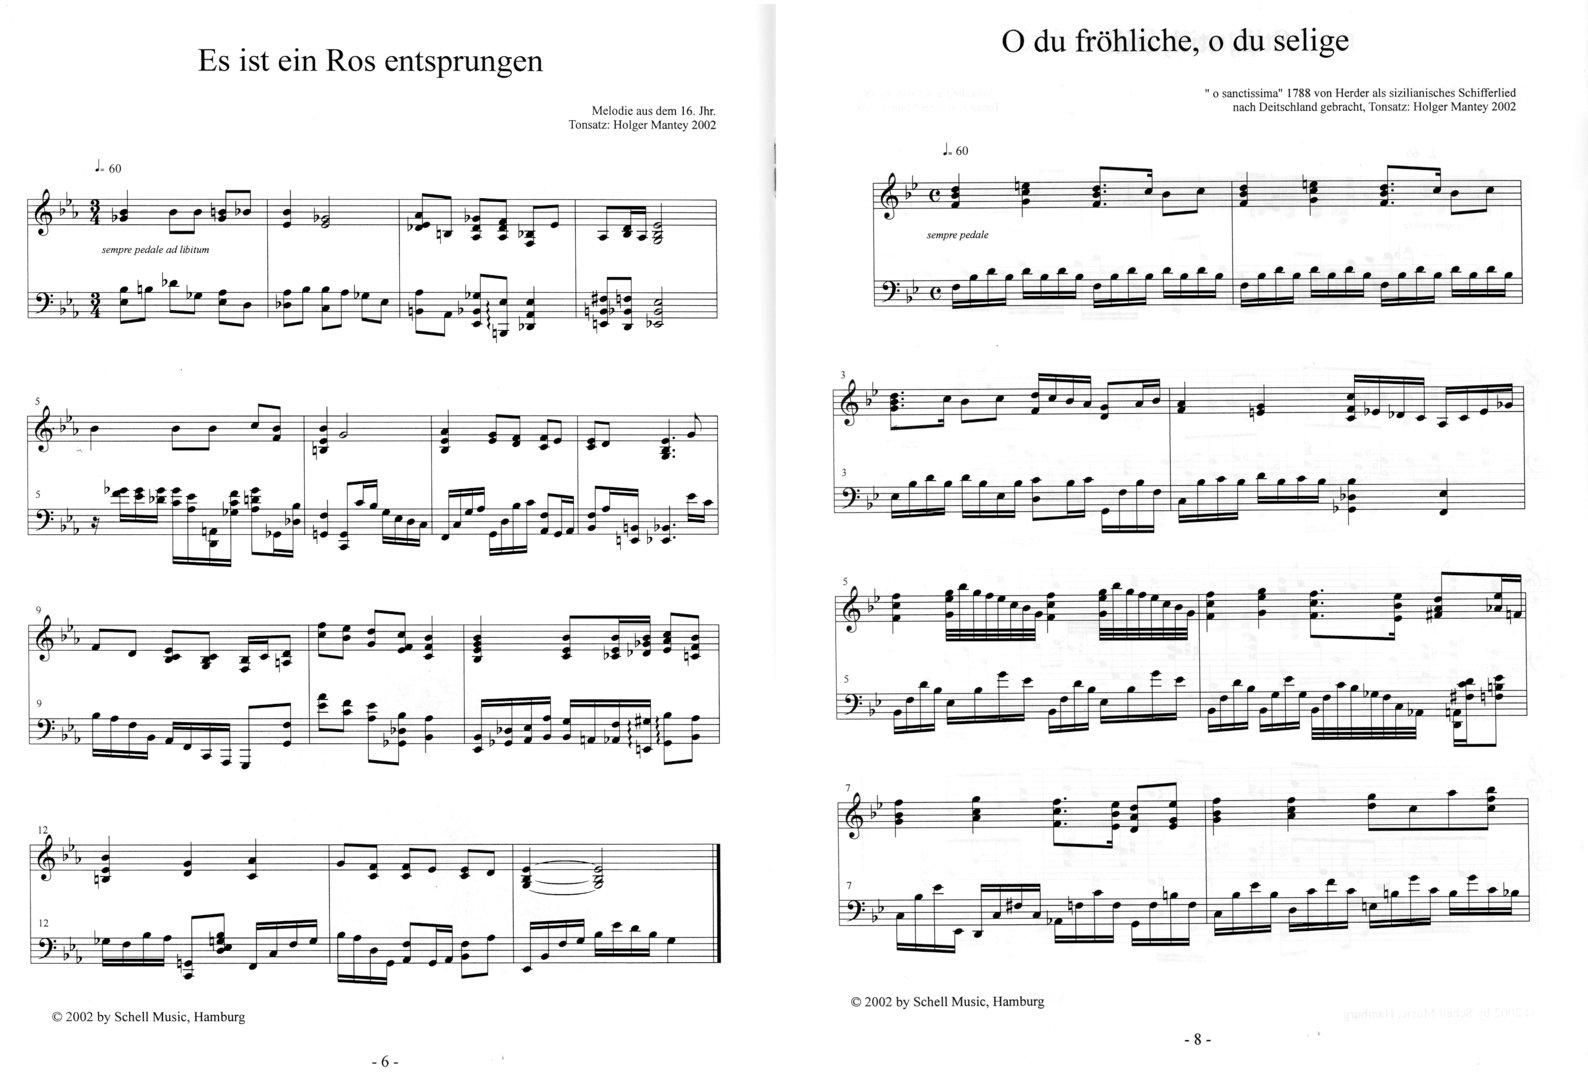 Weihnachtliche Impressionen für Jazzpiano (Noten/ CD) - Schell Music ...